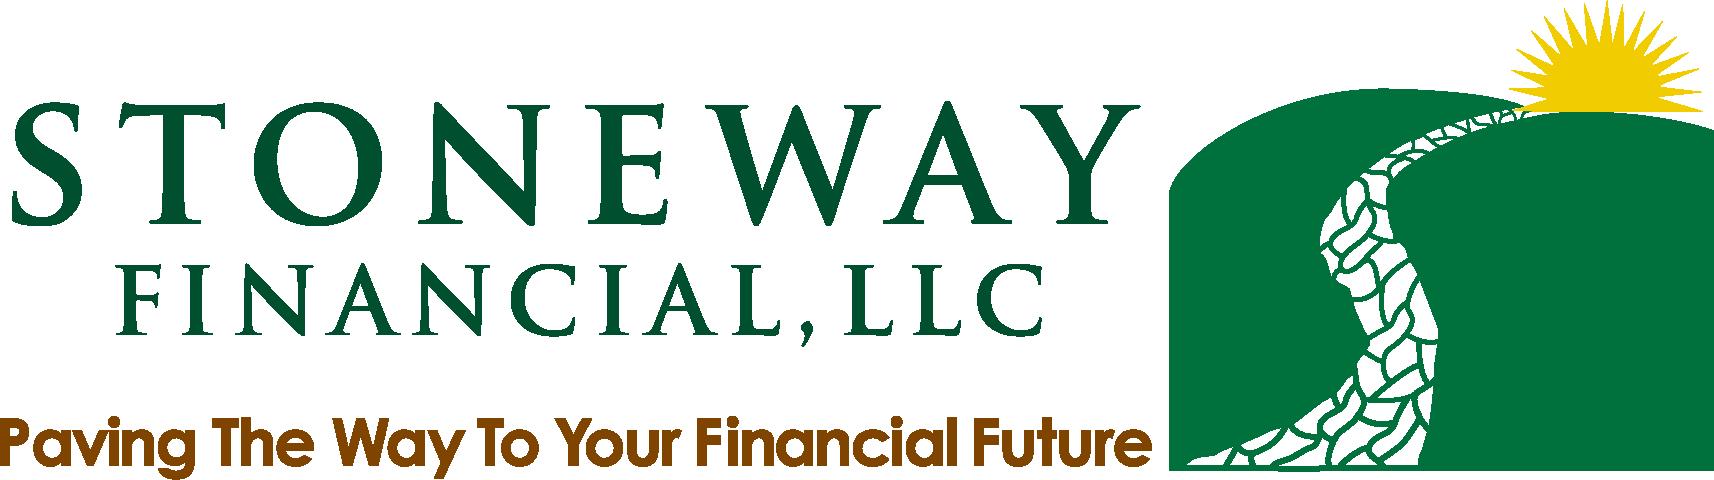 Stoneway Financial